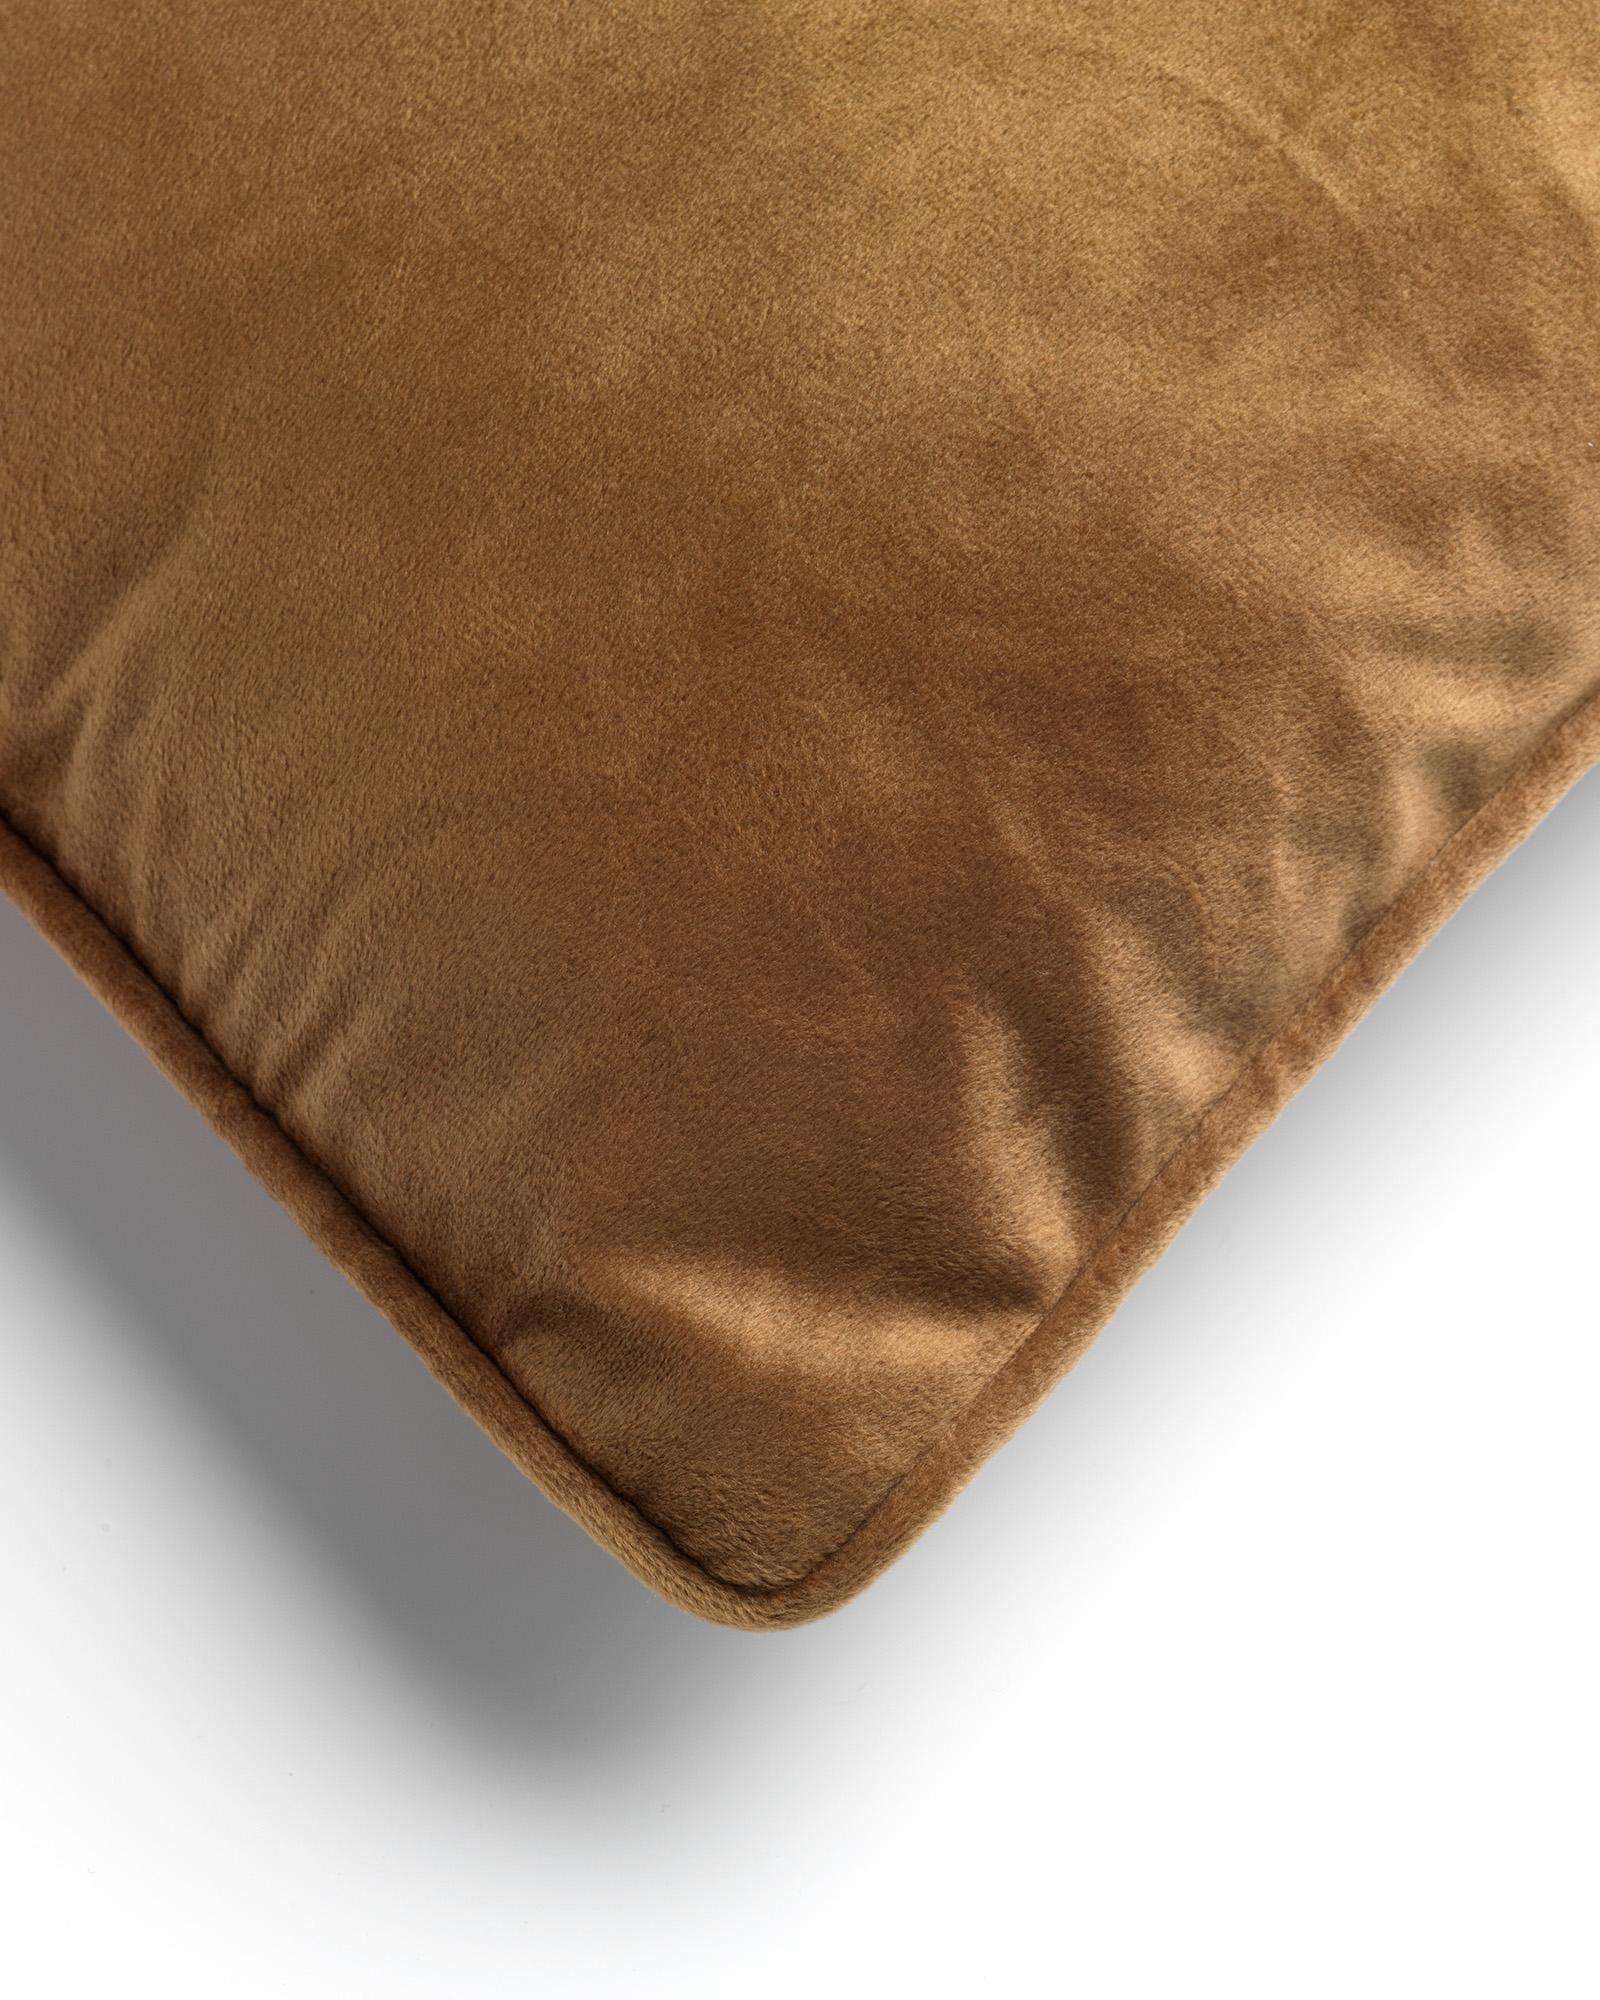 FINN - Sierkussen velvet Tobacco Brown 40x60 cm